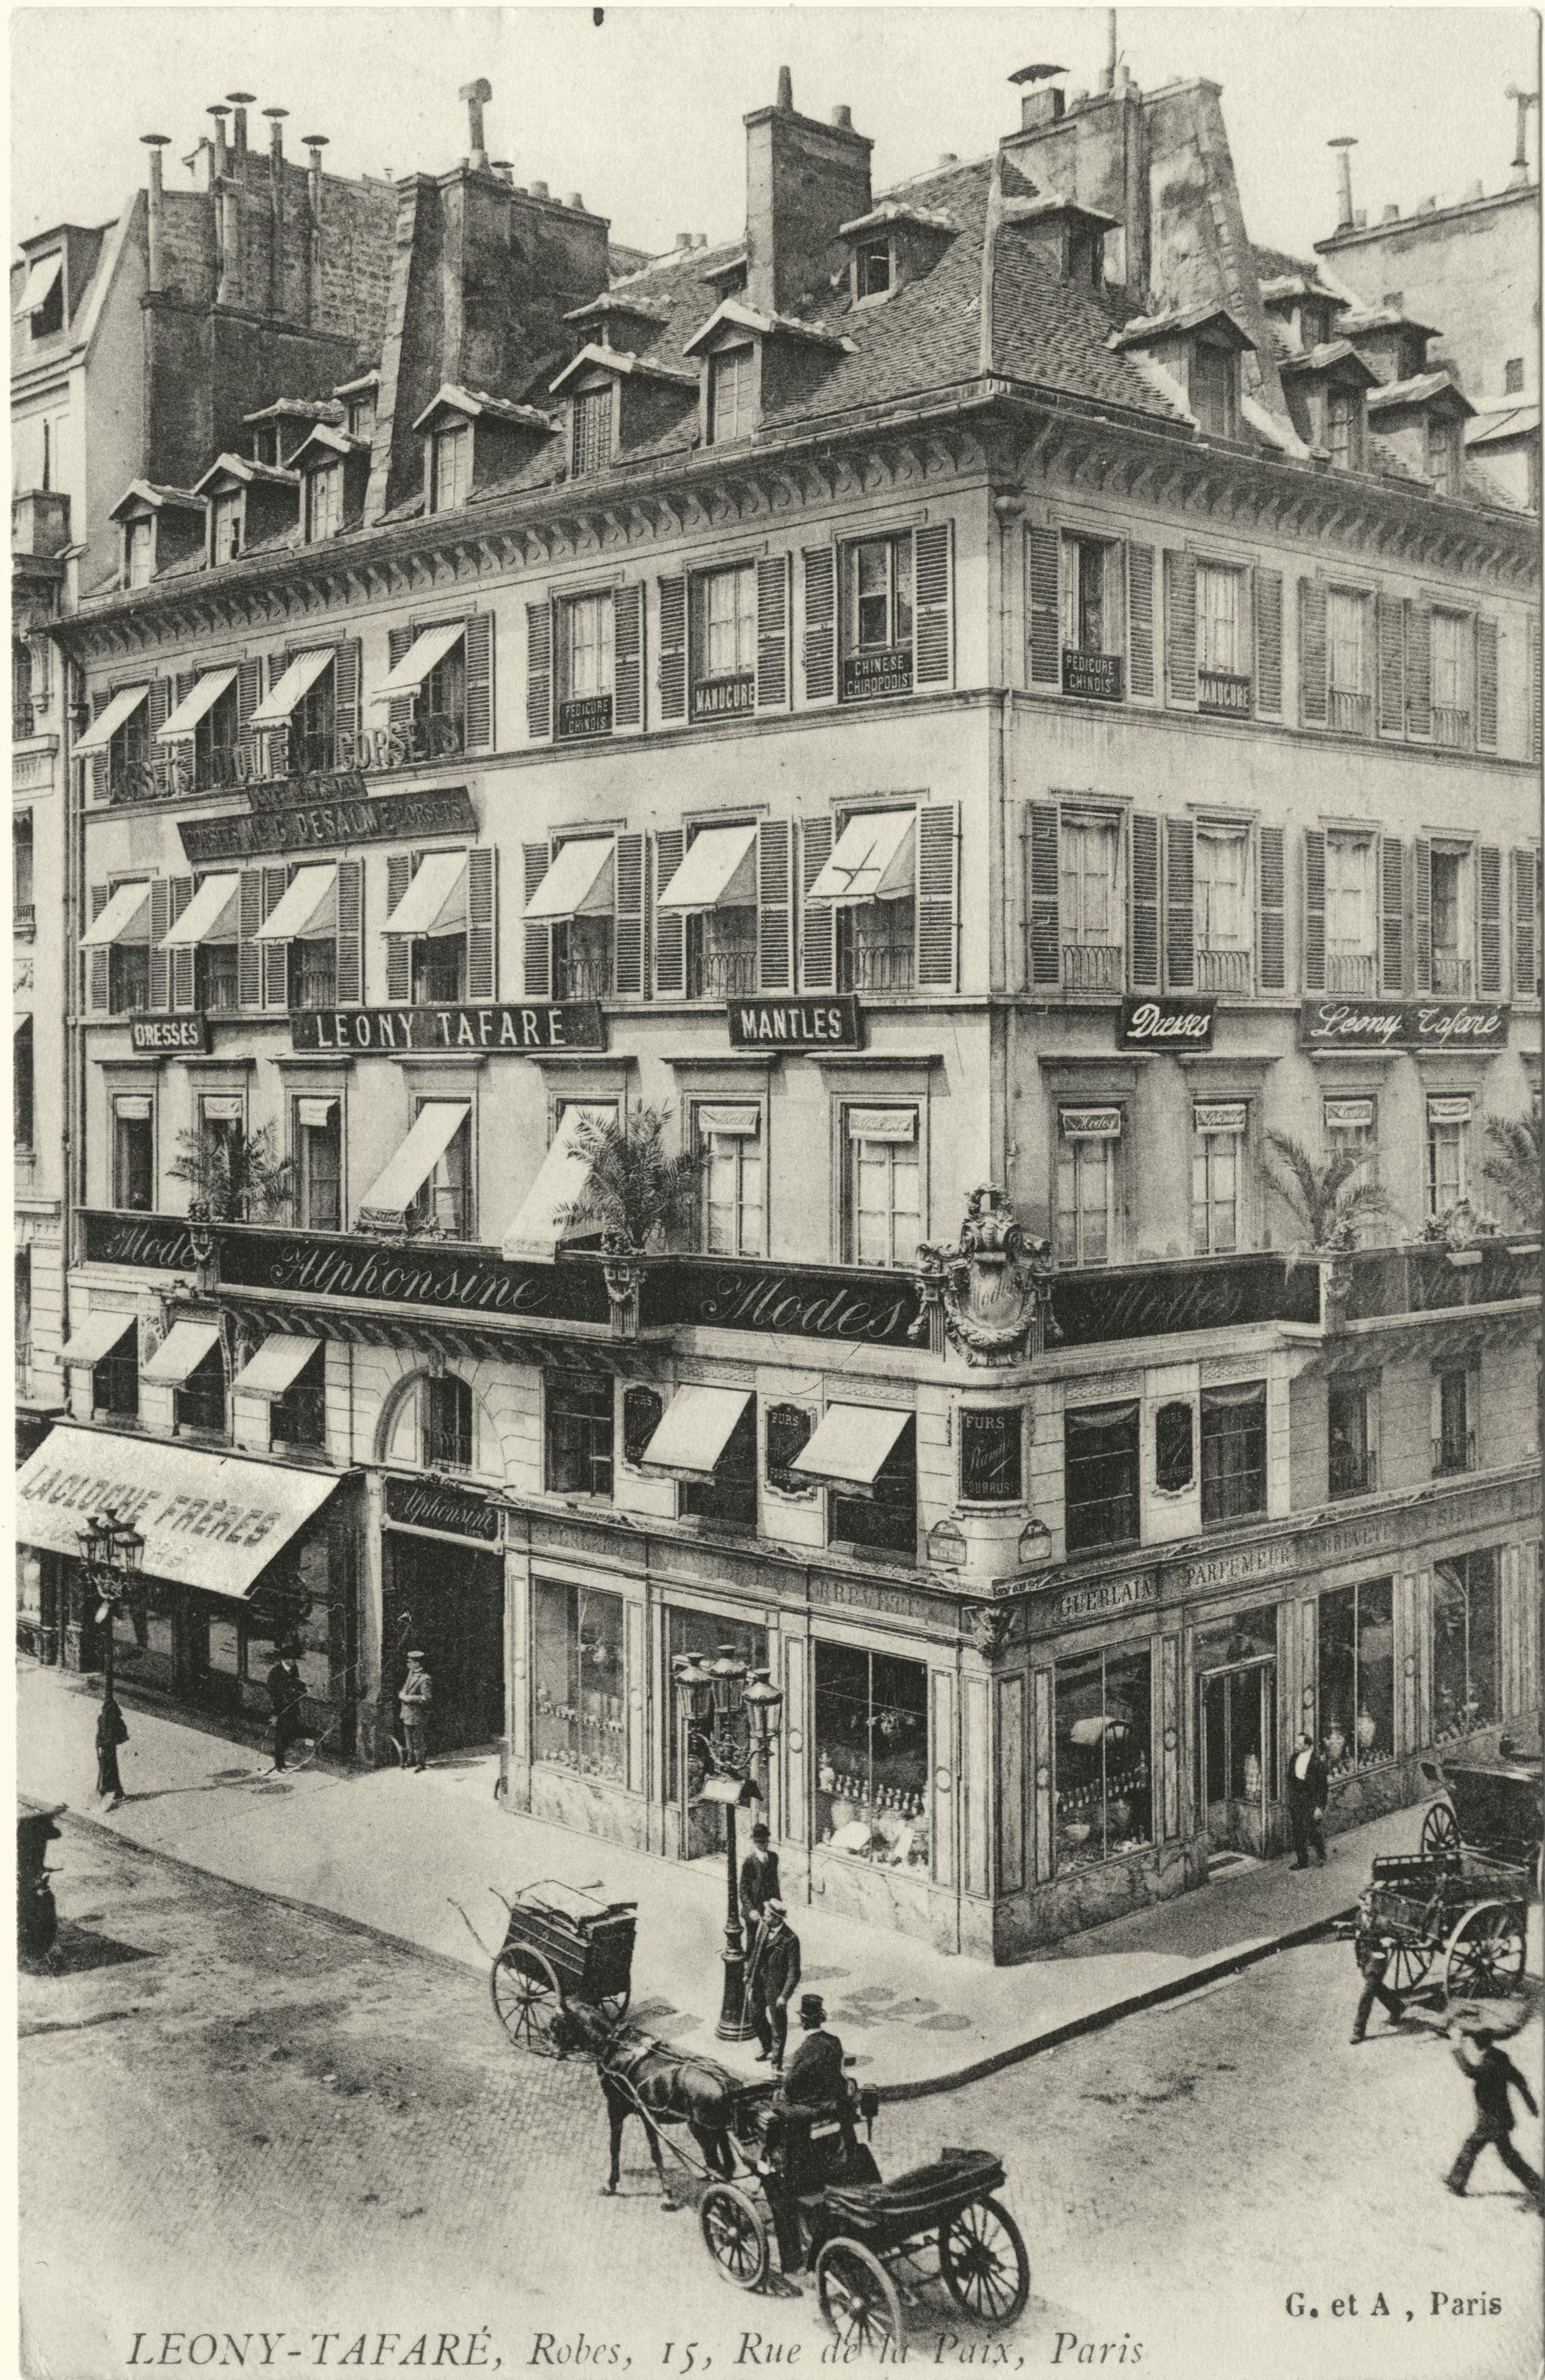 Carte_postale_illustrant_l'immeuble_du_15_rue_de_la_Paix_à_Paris_au_coin_de_la_rue_Daunou,_vers_1910.